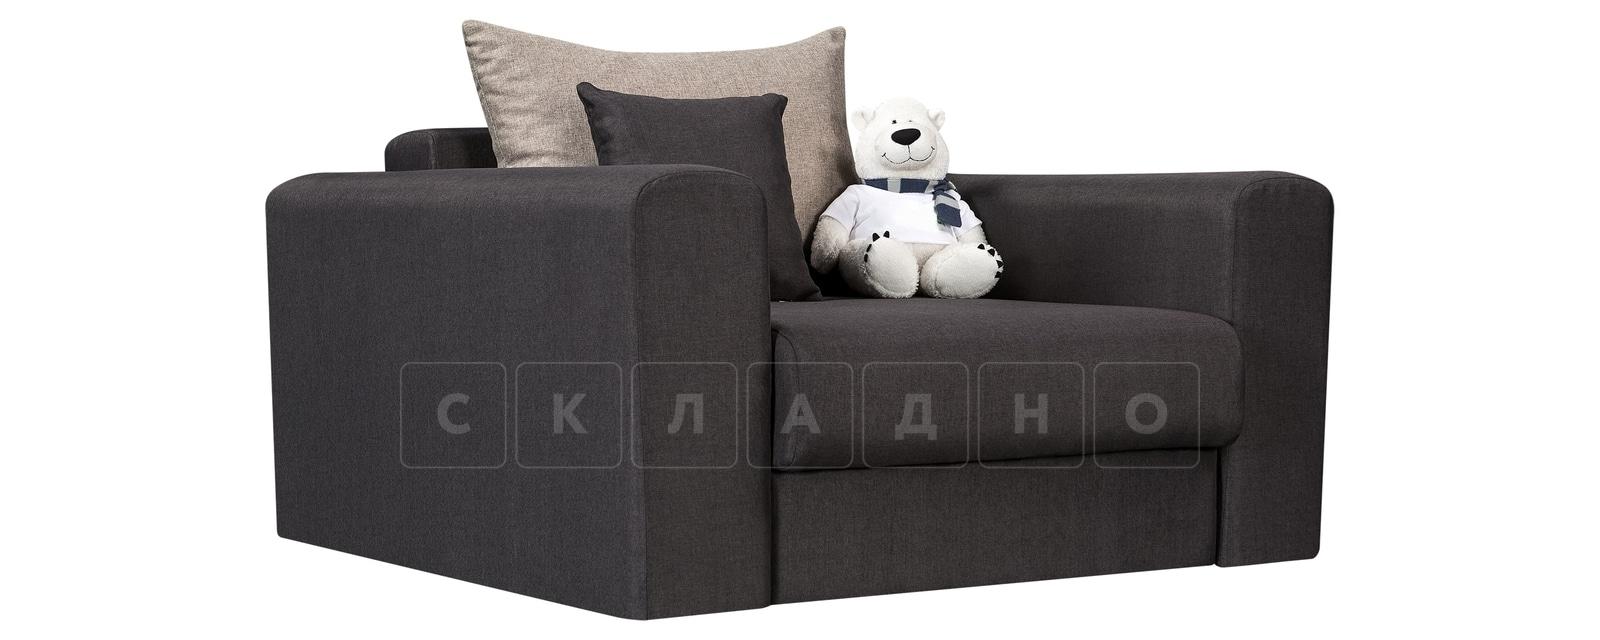 Кресло Медисон 80см темно-серого цвета фото 1 | интернет-магазин Складно